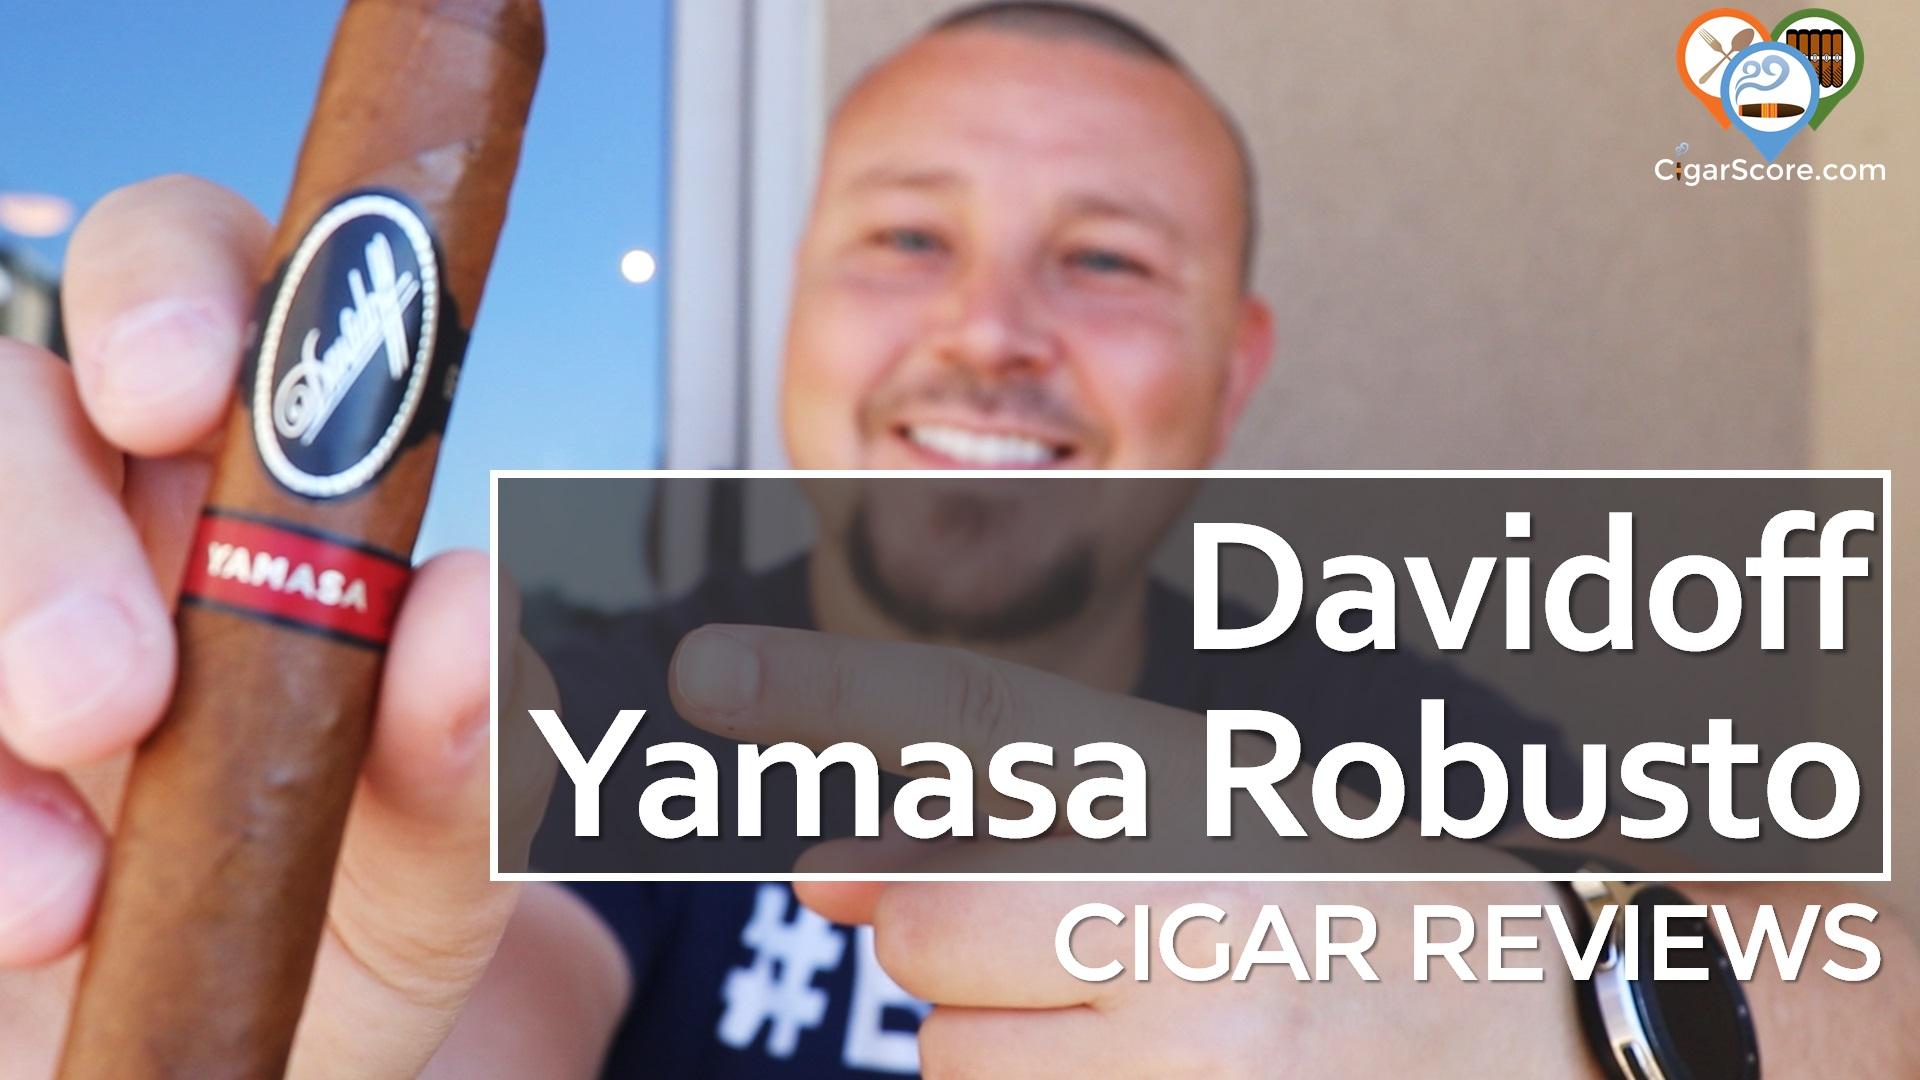 Cigar Review - Davidoff Yamasa